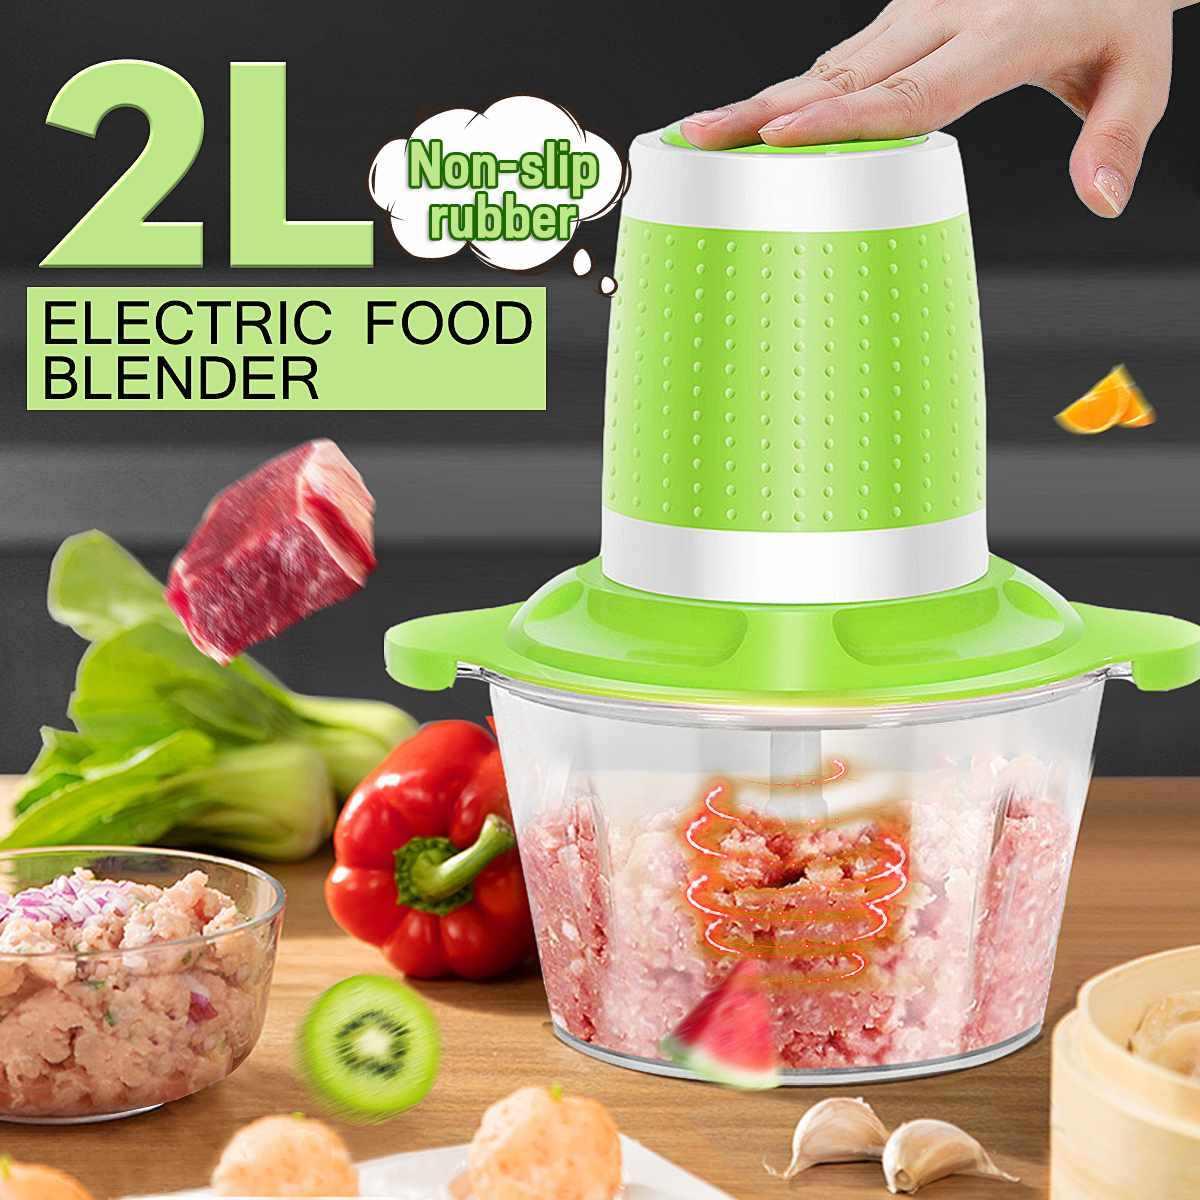 2L 220 V wielofunkcyjny elektryczny Chopper maszynki do mielenia mięsa warzyw-Blender farsz maszynka do mielenia mięsa gospodarstwa domowego procesor narzędzia kuchenne